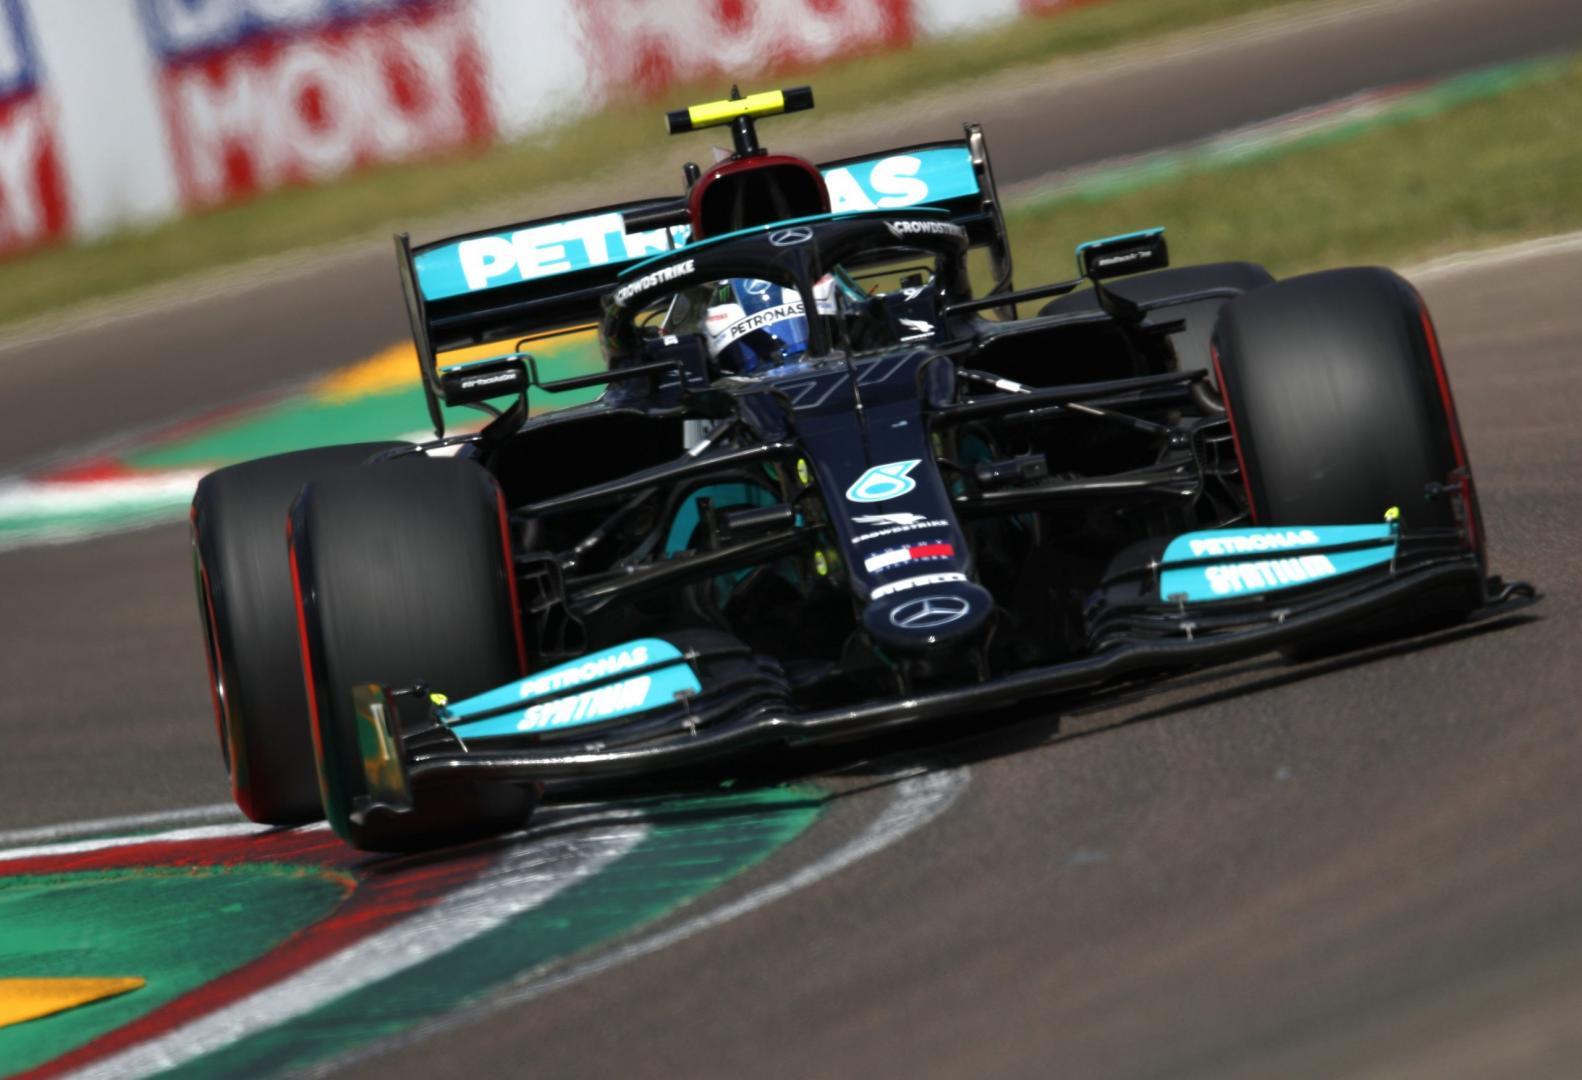 Uitslag van de GP van Emilia-Romagna 2021